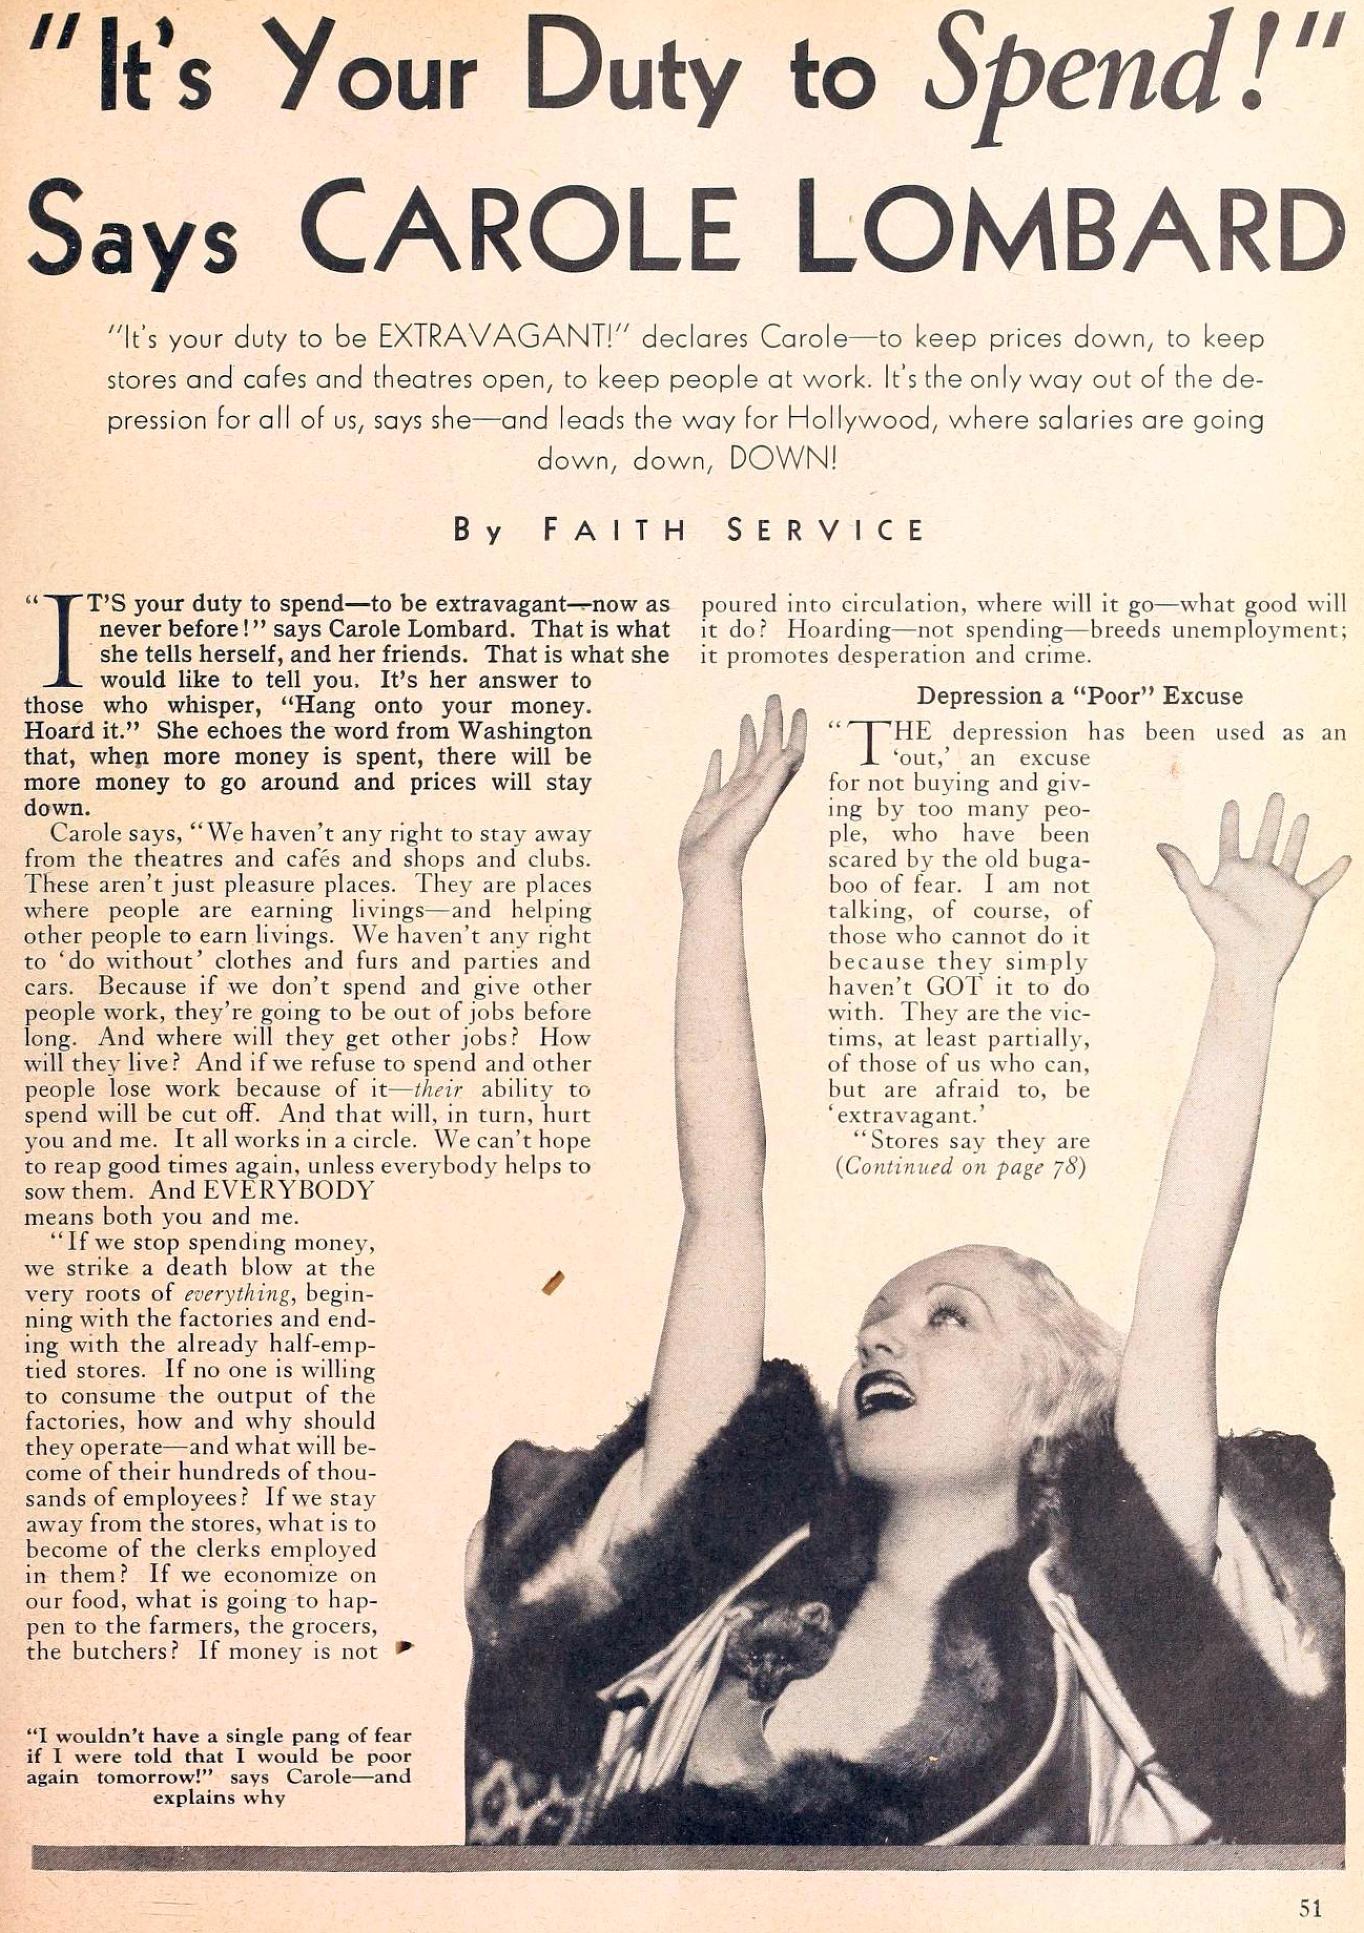 carole lombard movie classic may 1933ba